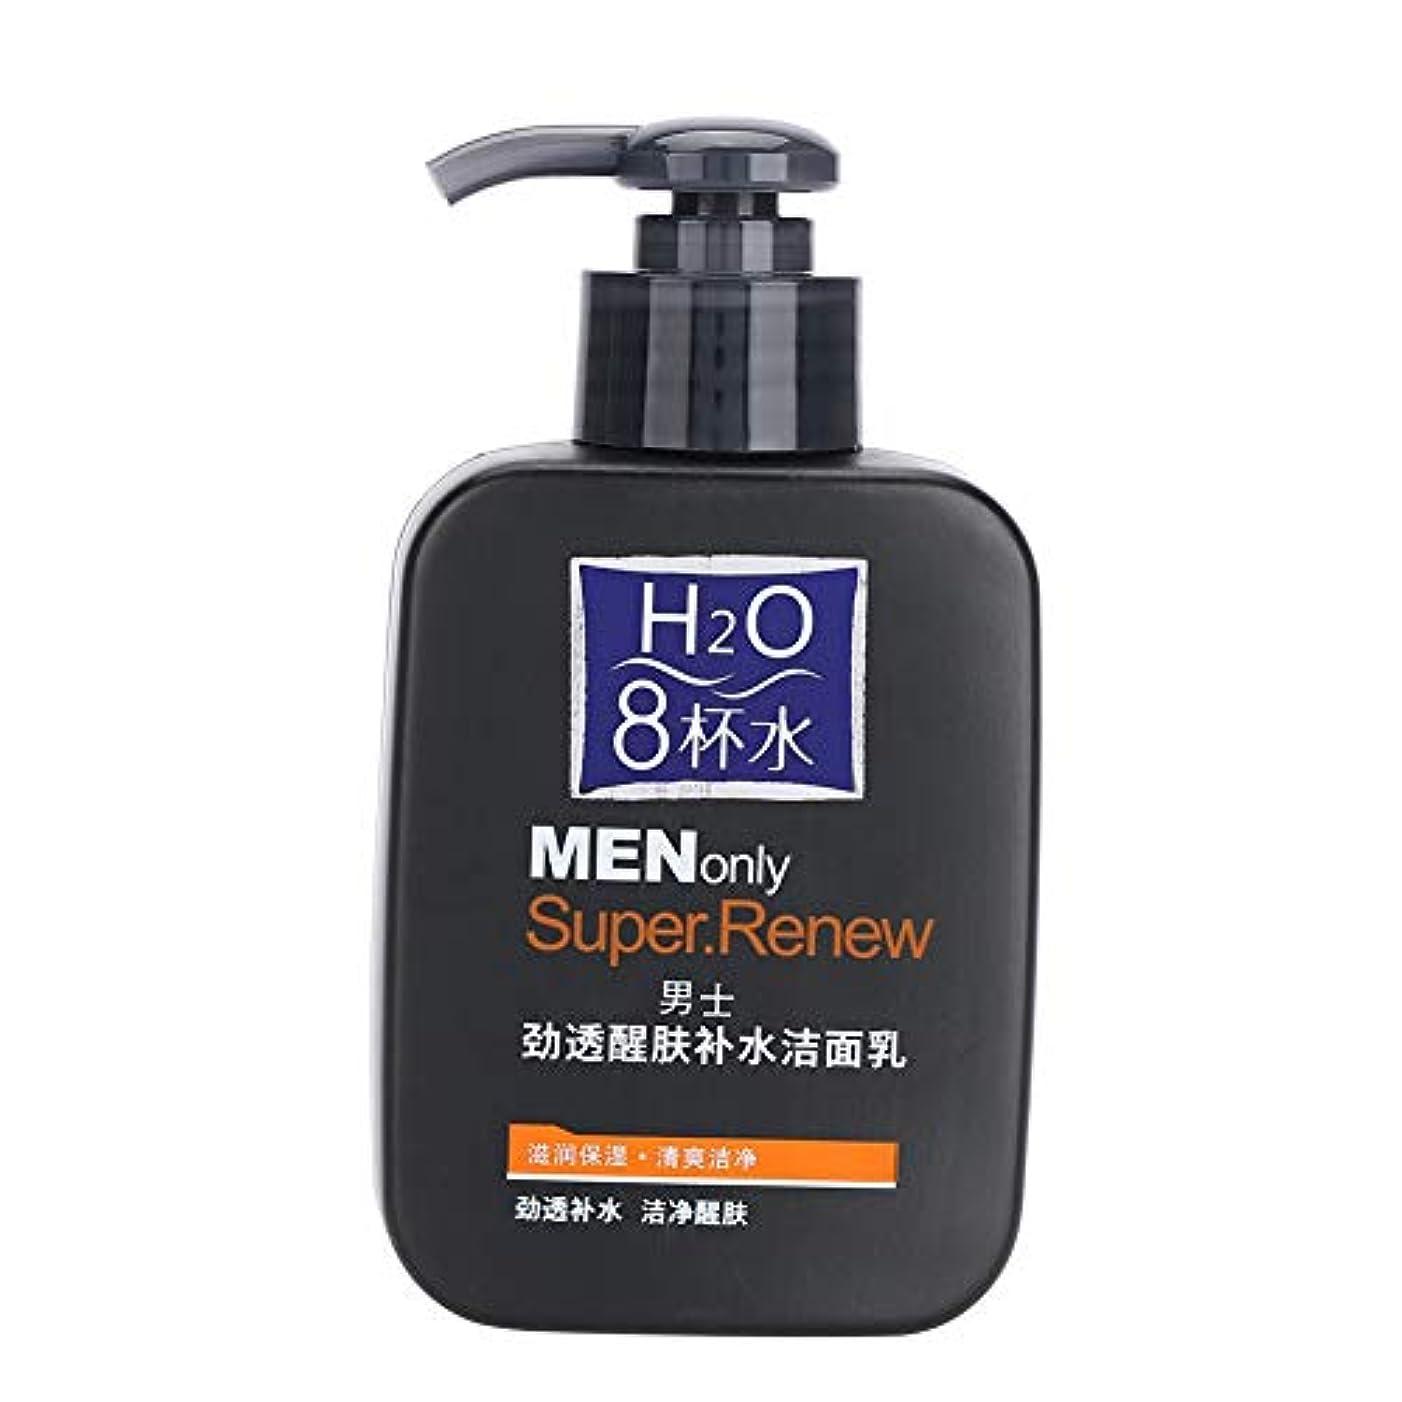 マイクロフォンに負ける適度な男性用保湿クリーム、パワフル男性用フェイシャルモイスチャライザー、にきび、クチナシ、オイルコントロール、ディープクレンジング